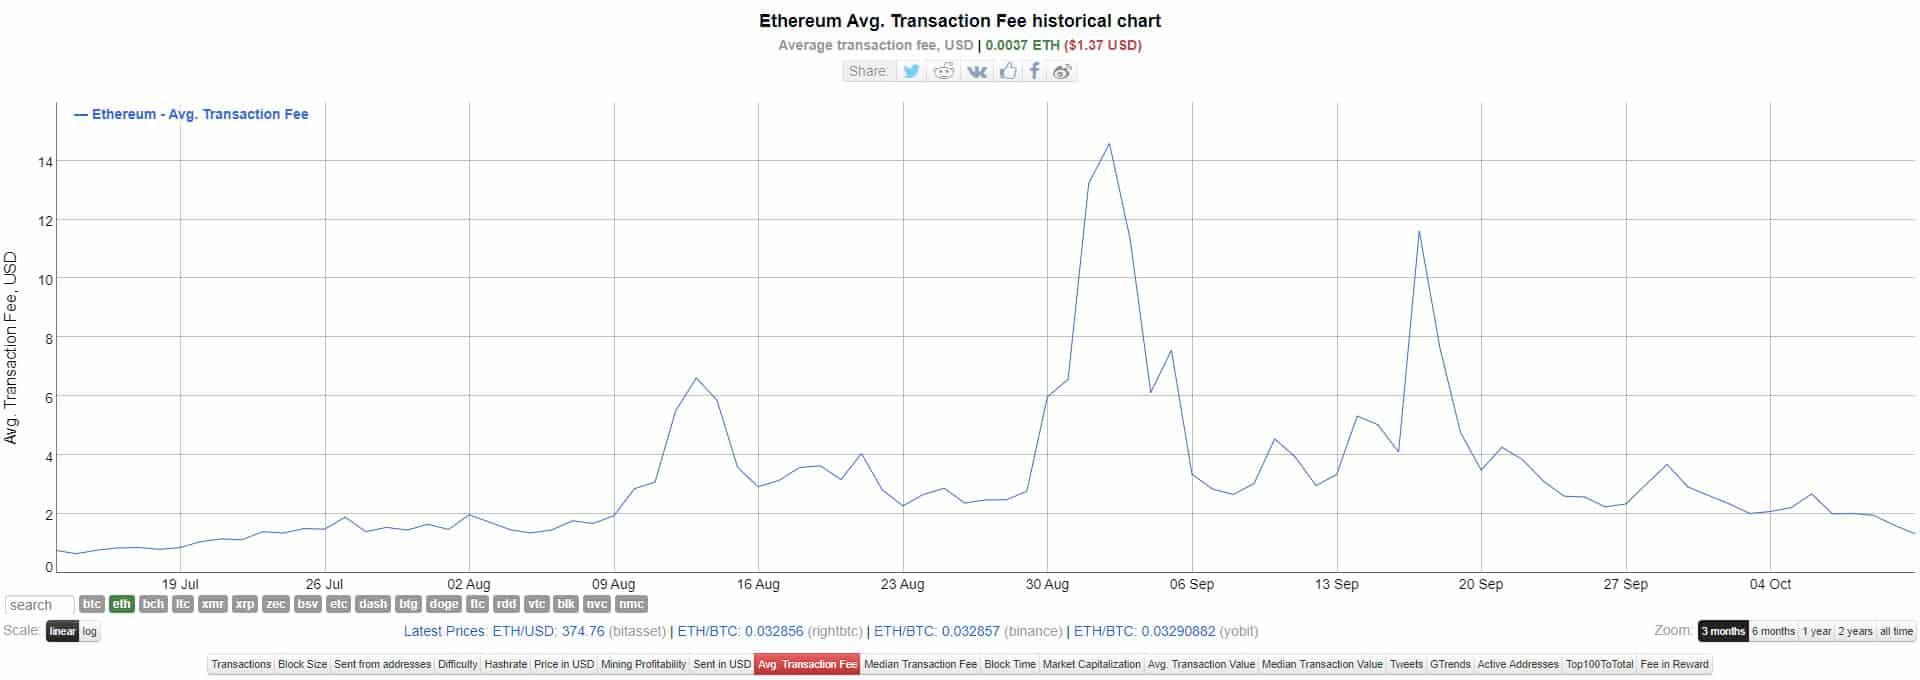 Цены на газ ETH